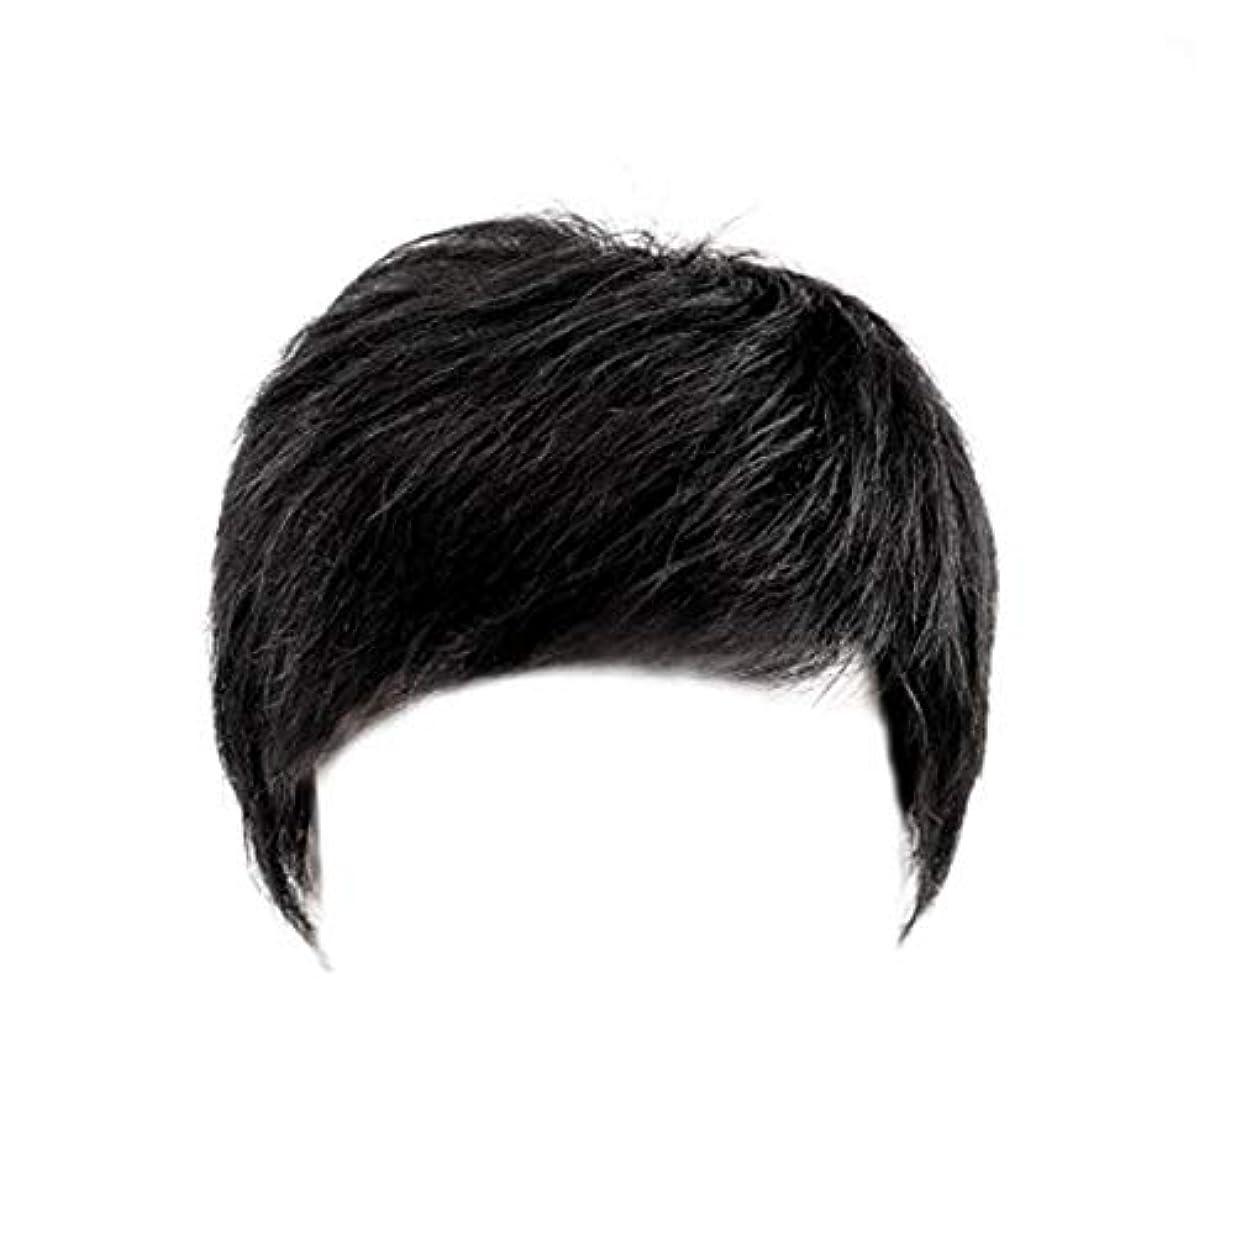 直接外科医午後CN ウィッグ男性ショートヘアメンズかつらハンサム中年ヘッドトップの交換の本格ヘアカバーホワイト髪のセットの帽子 (Color : Black)